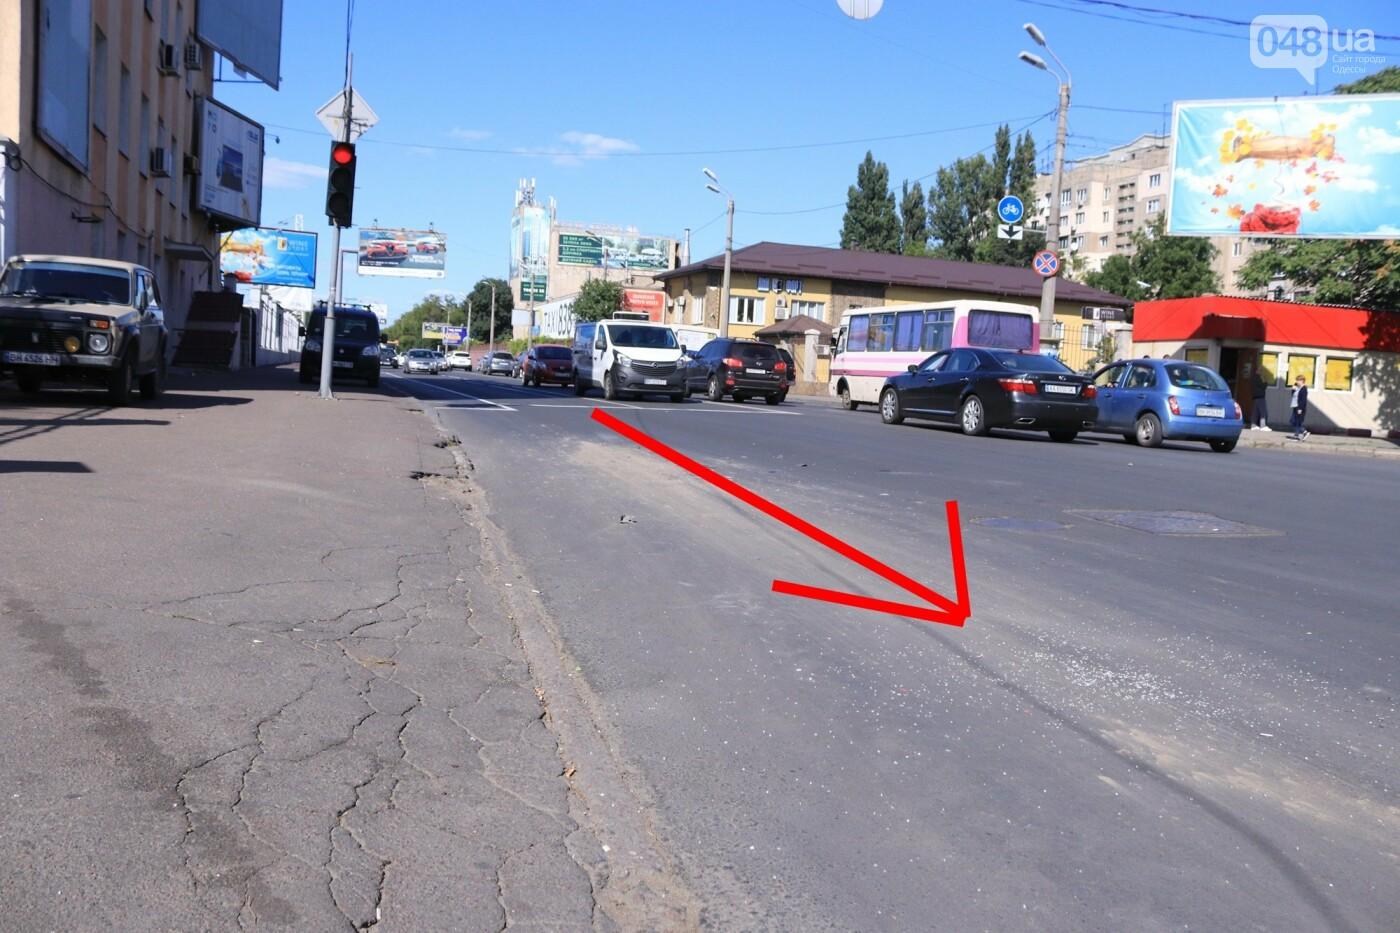 Могли взорваться: в Одессе КАМАЗ протаранил на светофоре легковушку с баллоном газа в багажнике, - ФОТО , фото-10